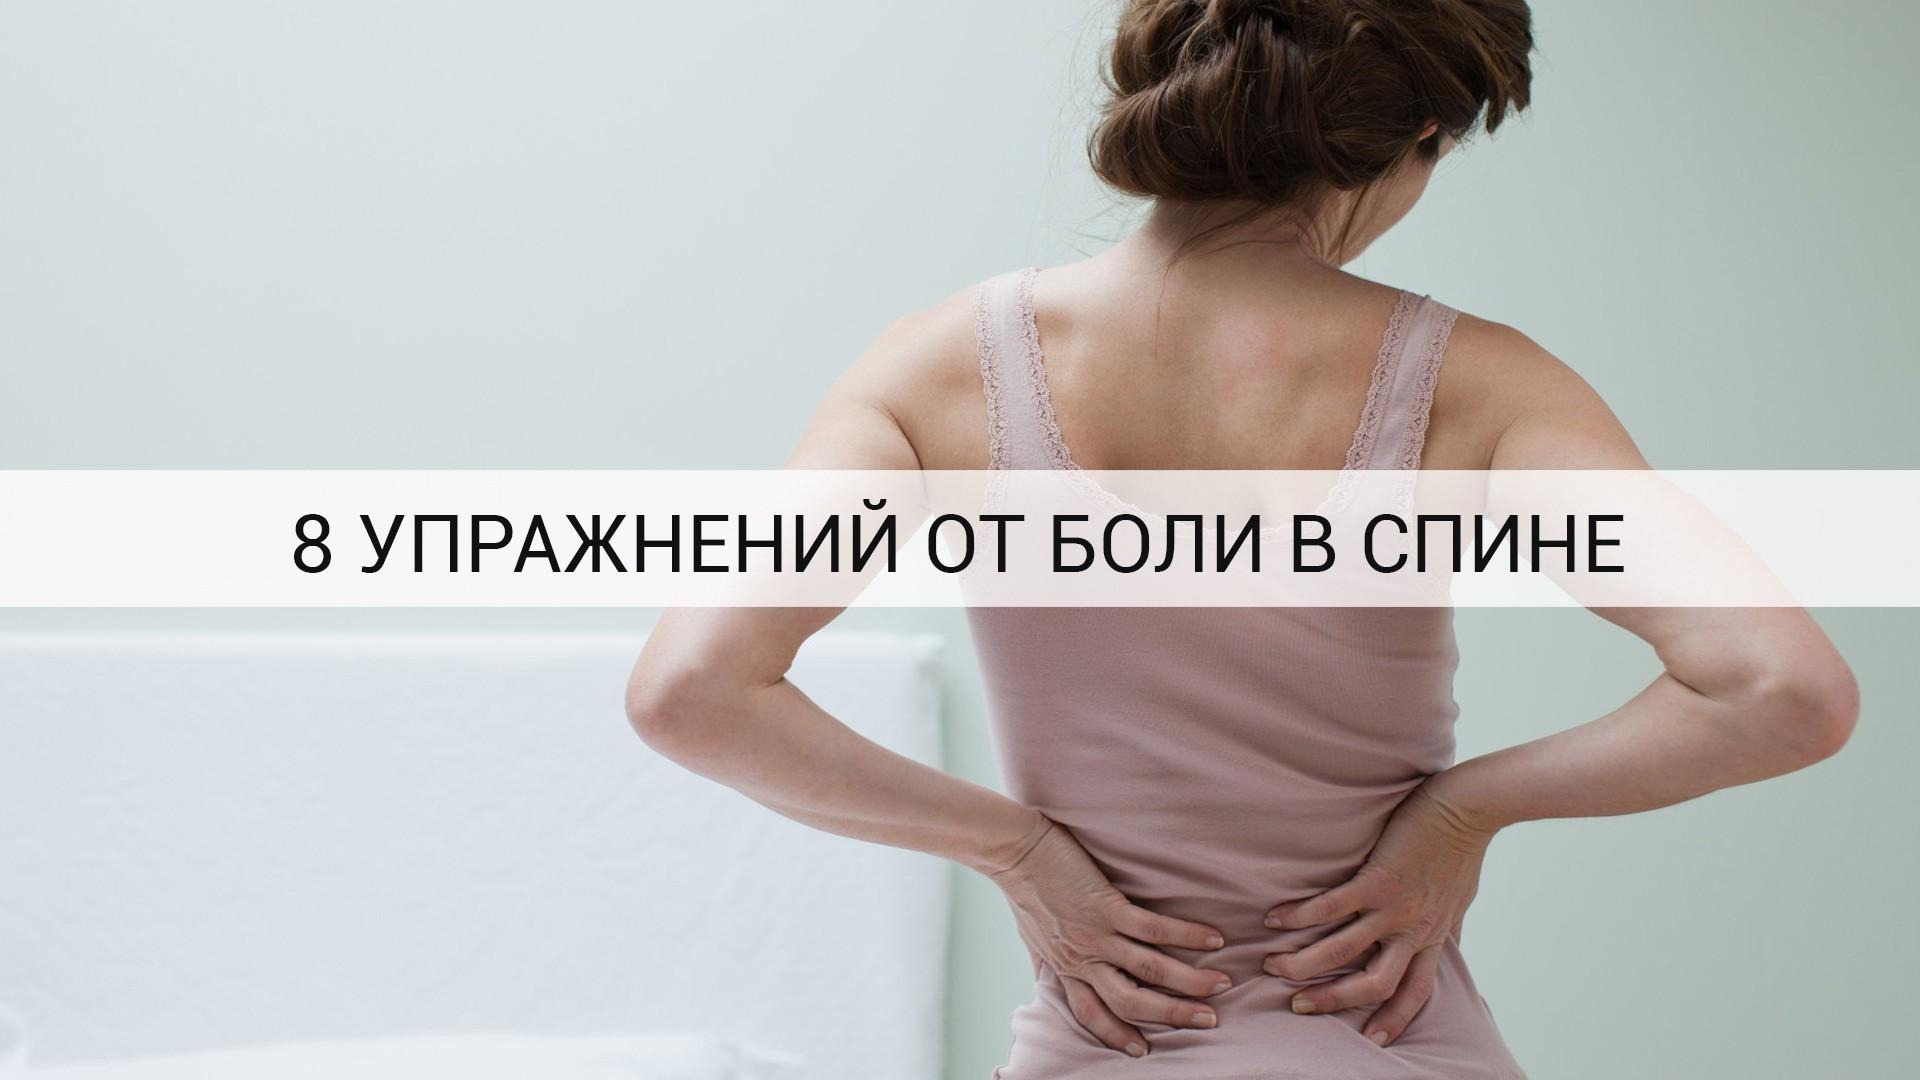 8-упражнений-от-боли-в-спине